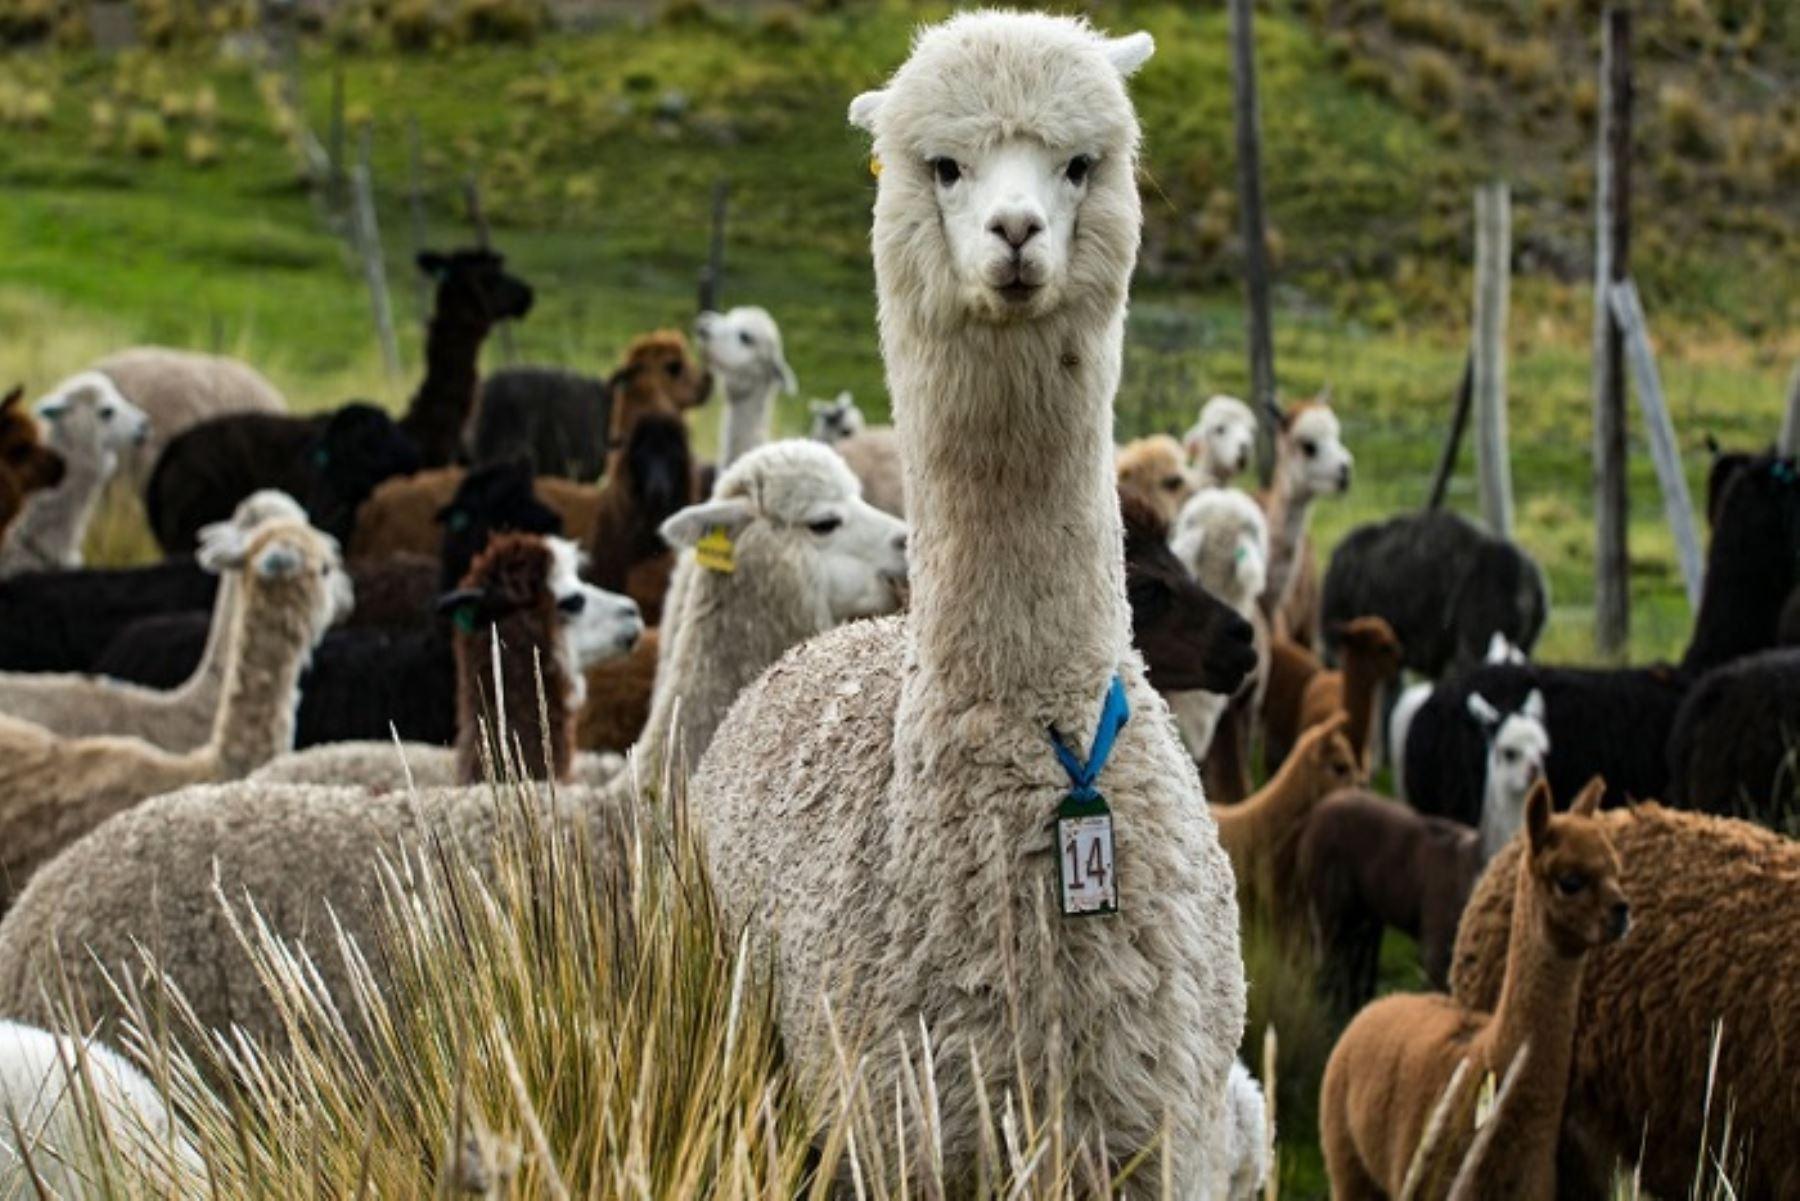 La llama no es el único camélido sudamericano oriundo del Perú cuyos anticuerpos han demostrado una gran efectividad para evitar que el coronavirus SARS-CoV-2 infecte las células. Los otros tres tipos de auquénidos que existen en nuestro país: alpaca, vicuña y guanaco, también poseen esos anticuerpos, destacó el Instituto Nacional de Innovación Agraria (INIA). ANDINA/Difusión